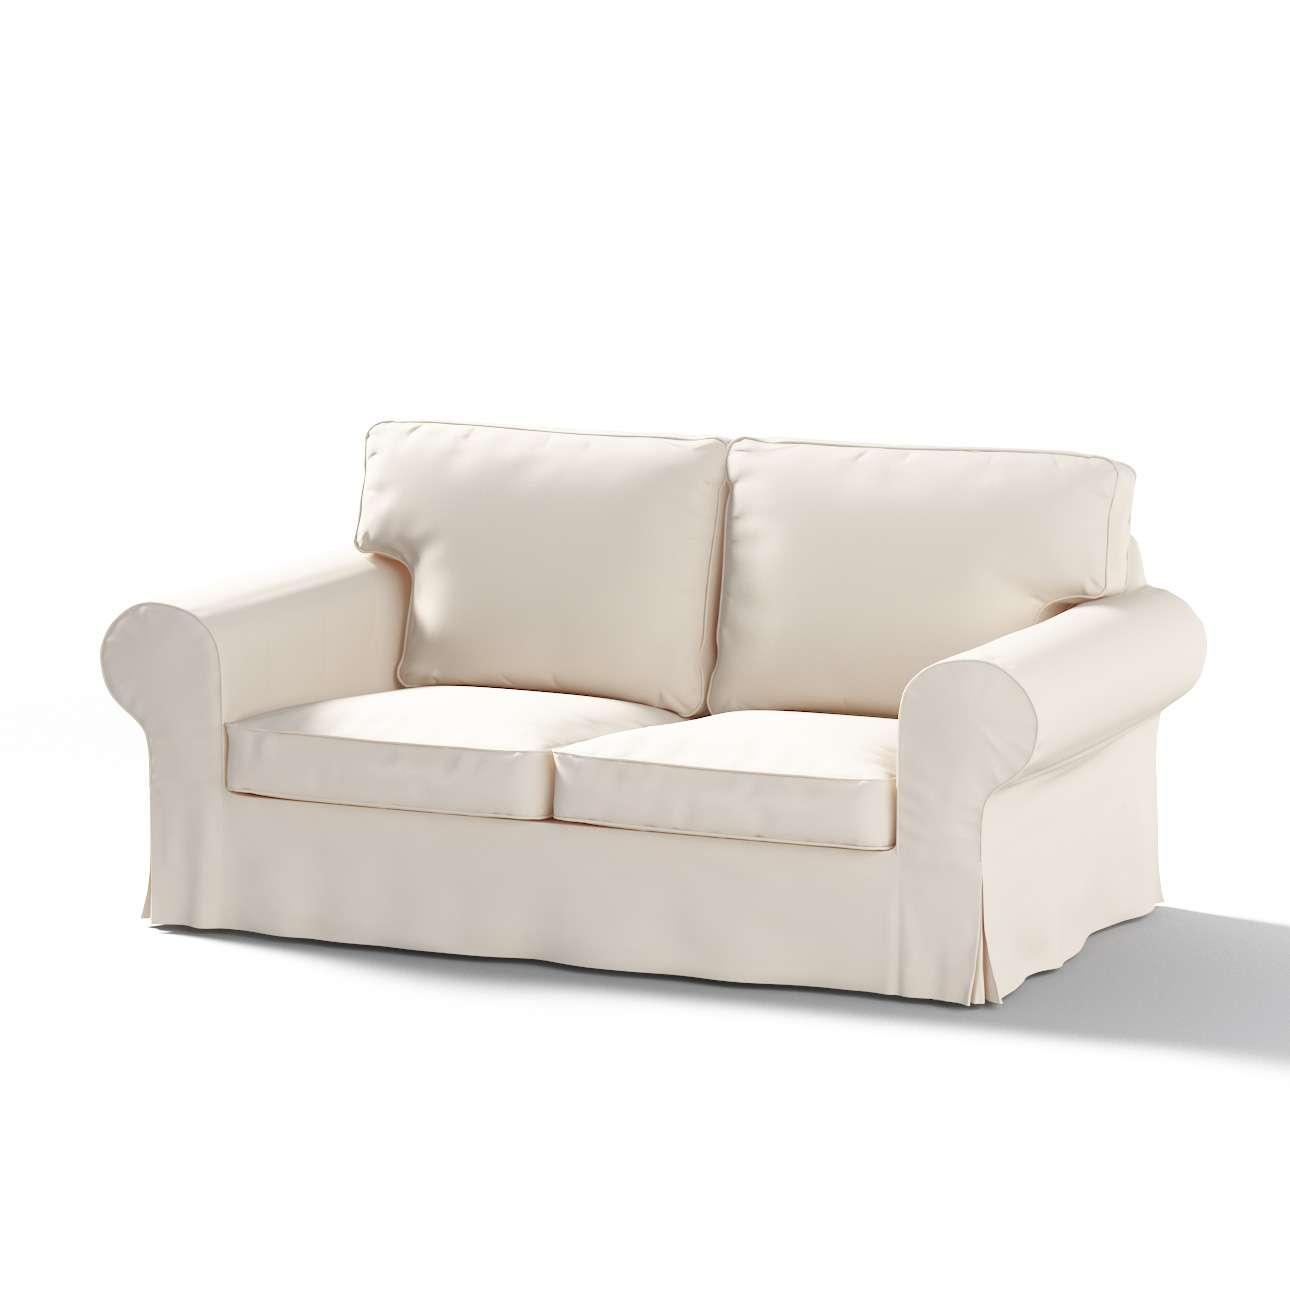 Ektorp betræk 2 sæder sovesofa gammel model<br/>Bredde ca 195cm fra kollektionen Etna, Stof: 705-01